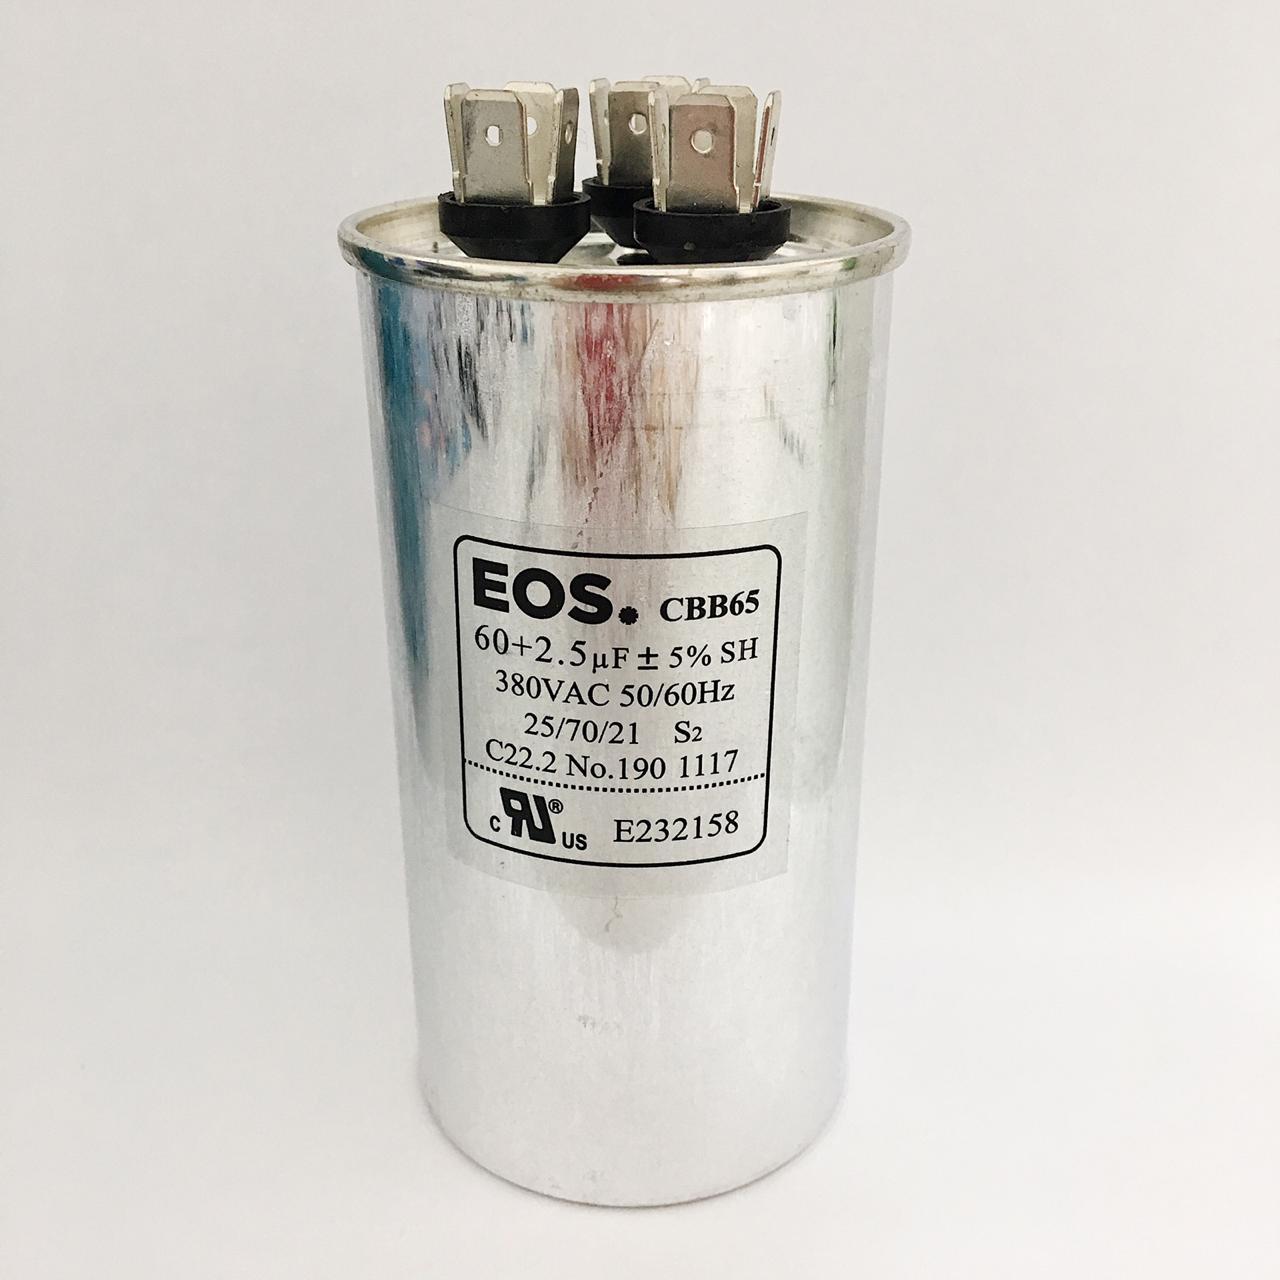 Capacitor 60 MFD 380V 50/60HZ